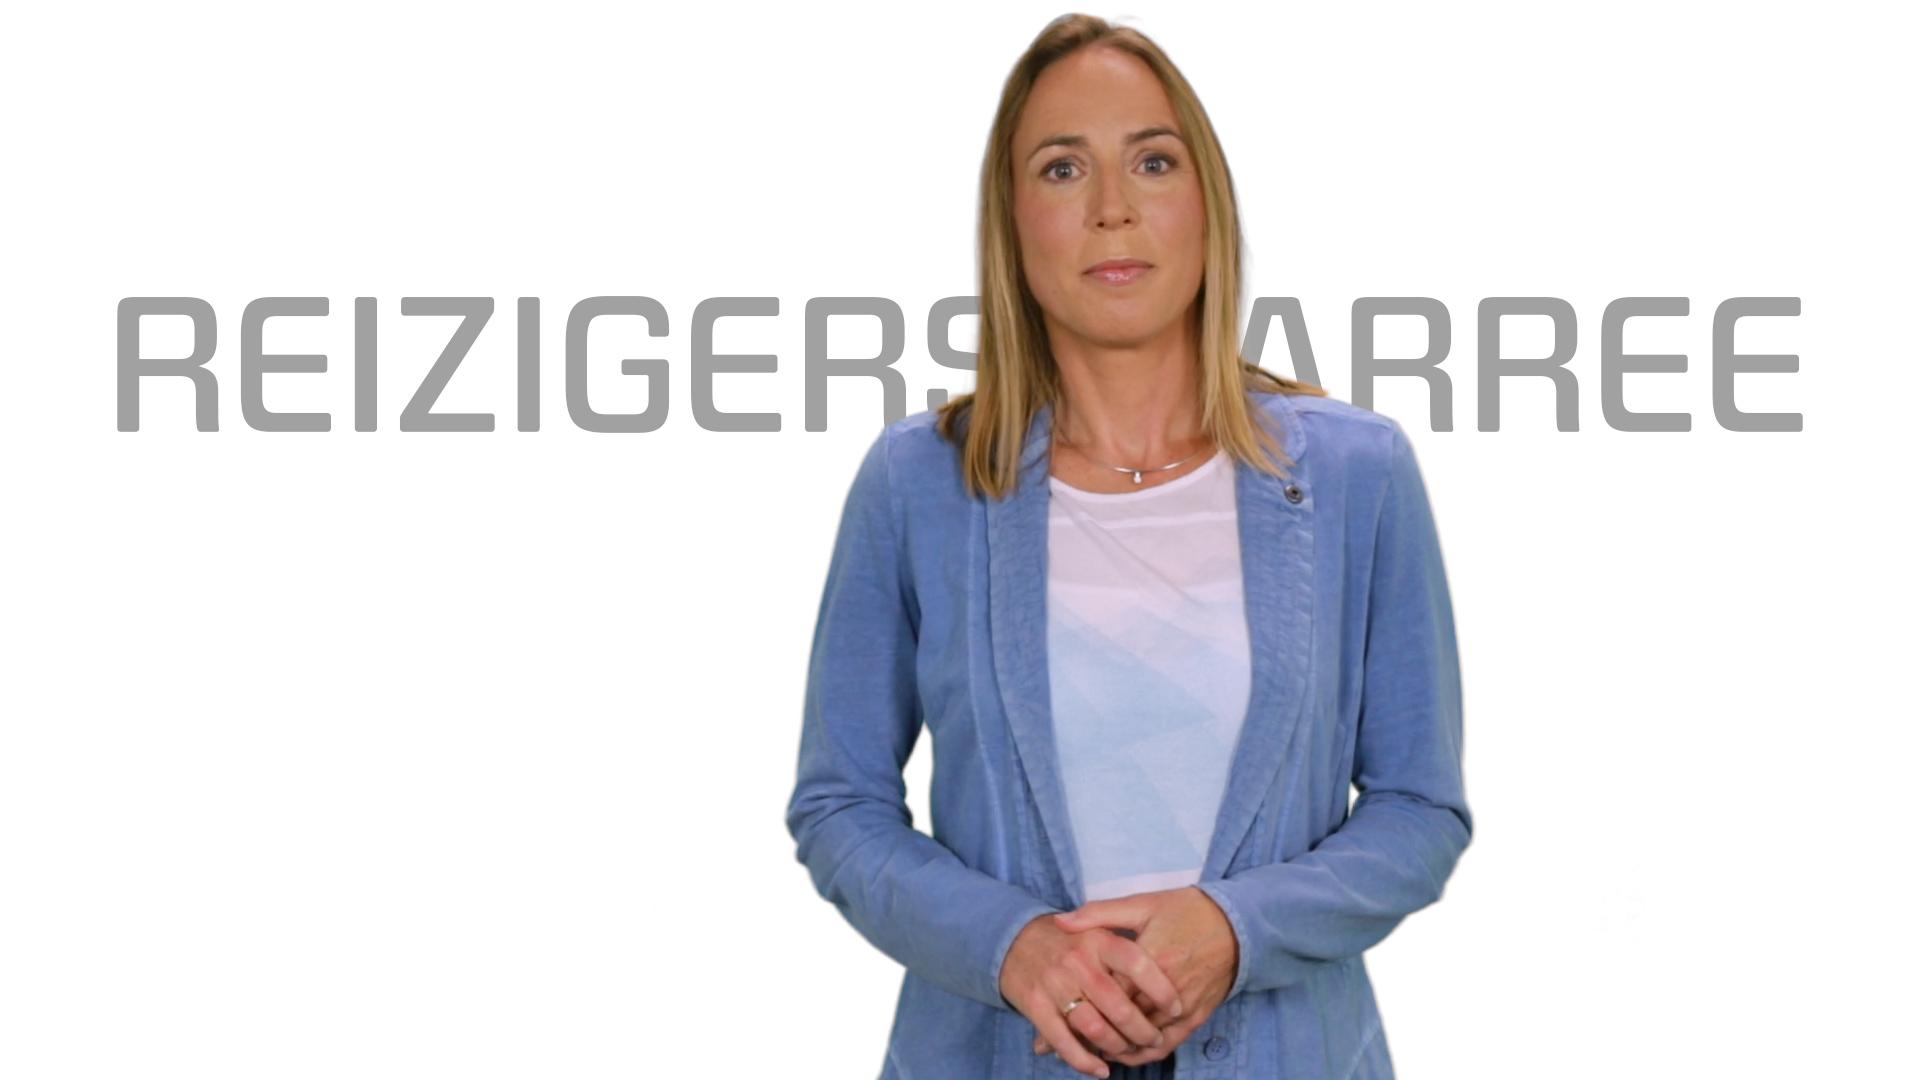 Bekijk de video: Reizigersdiarree